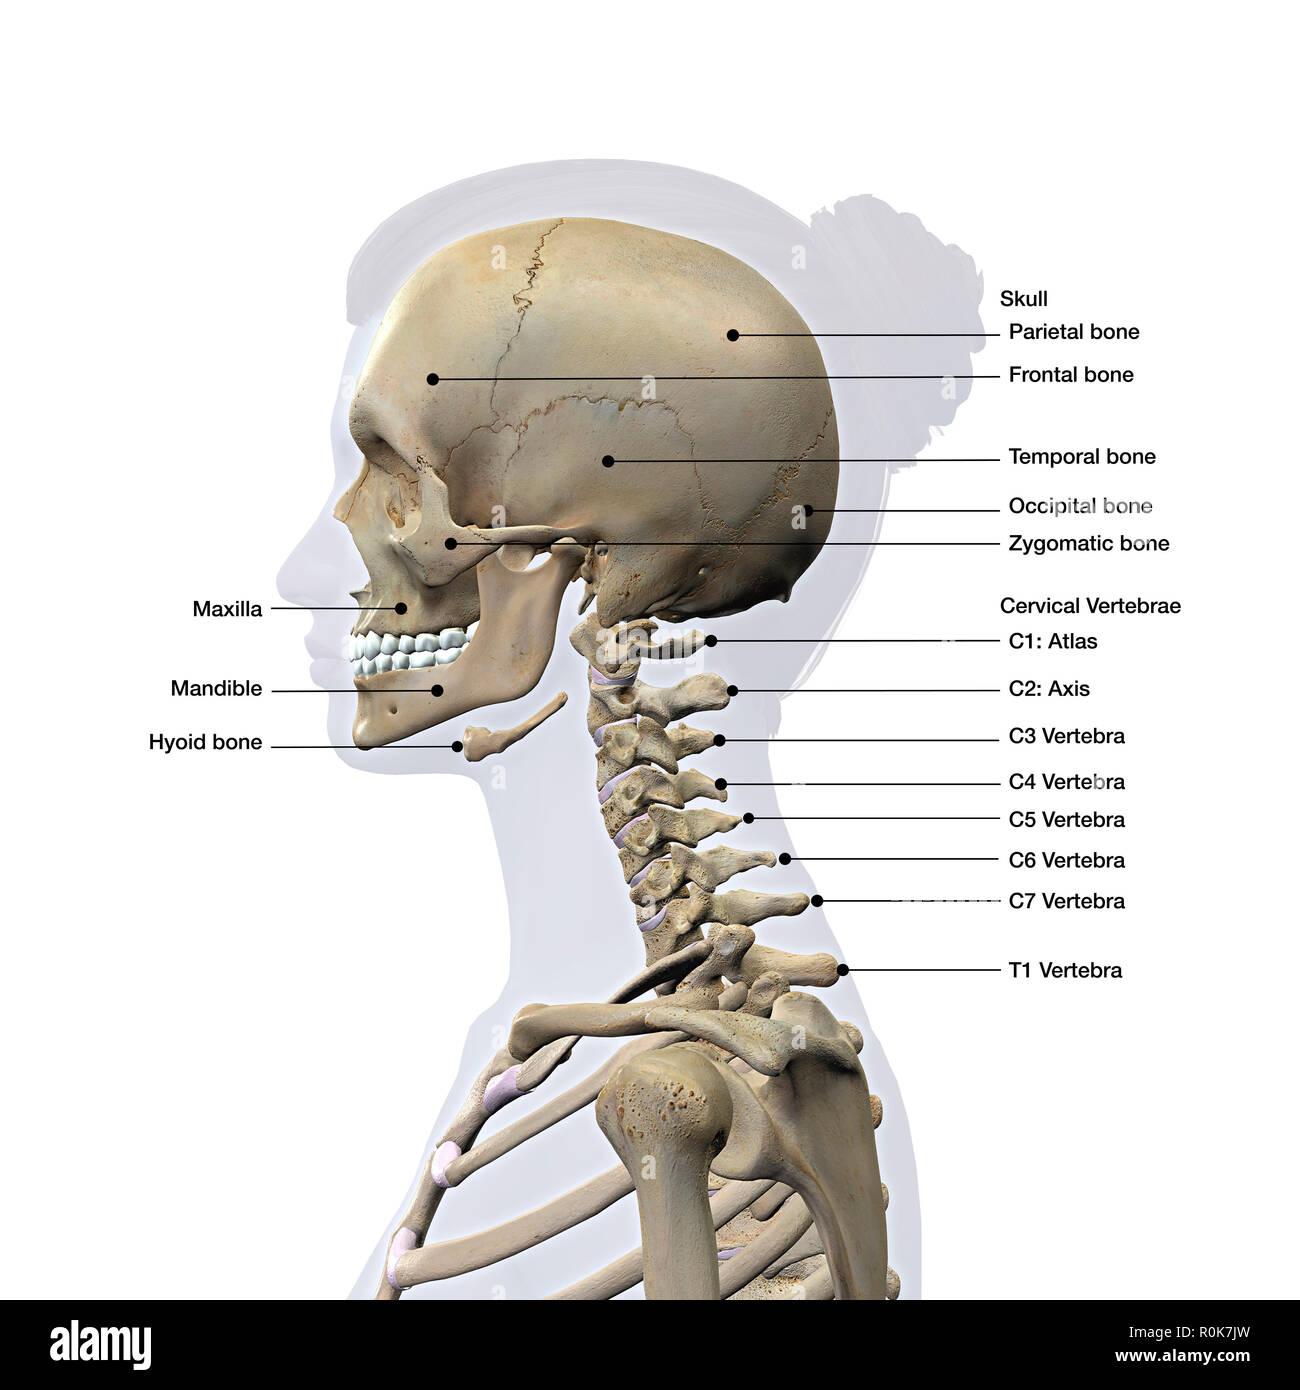 Hyoid Skeleton Stock Photos & Hyoid Skeleton Stock Images